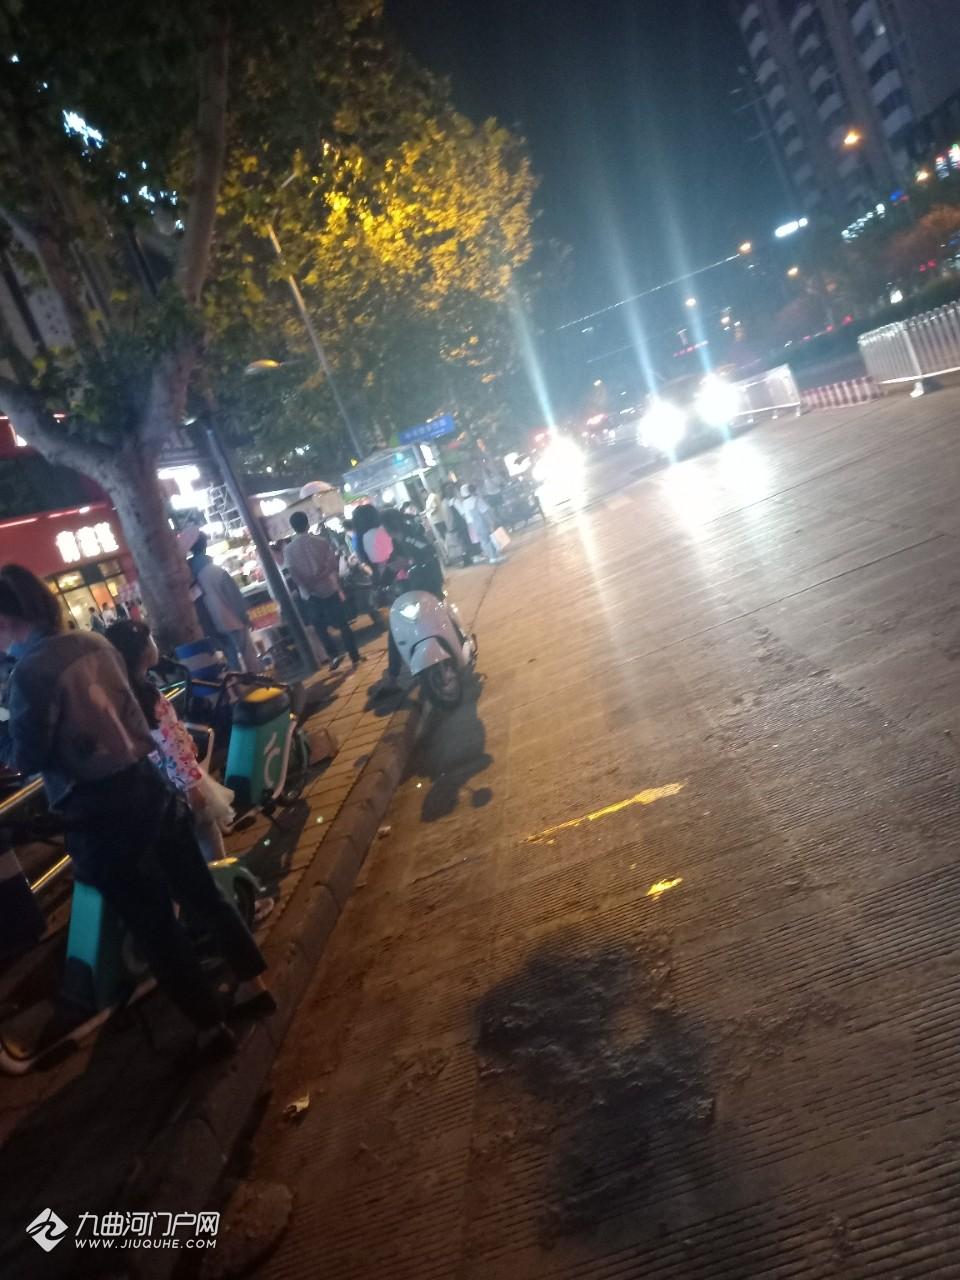 資陽梅西百貨外面修路把氣管挖破了,消防幾輛一起到達現場,負責人正在疏散路人!